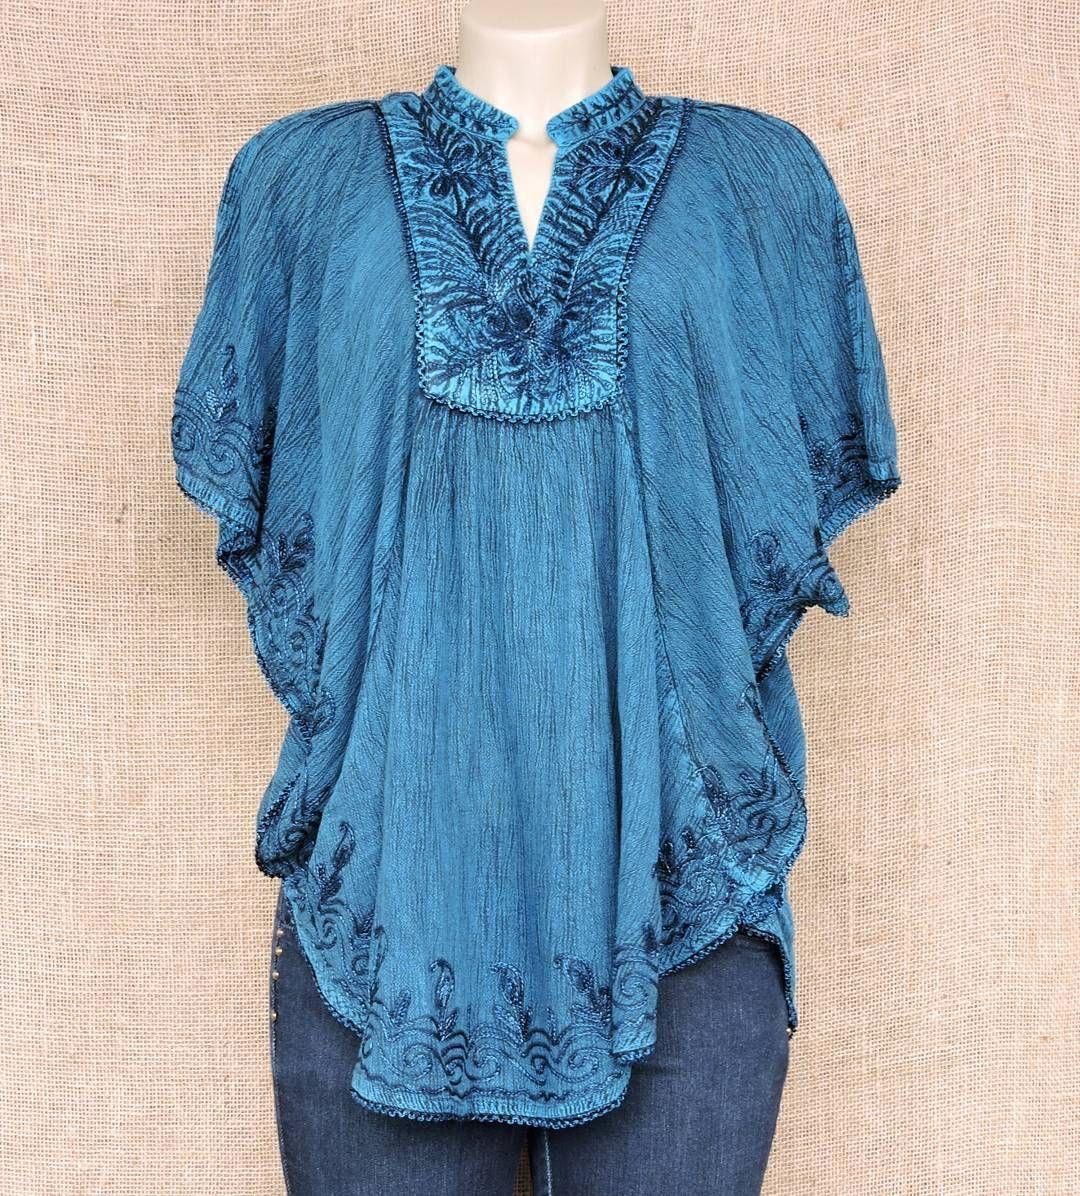 Batas poncho no melhor estilo batik indiano e bordadas por R$6990.  Mais cores pelo nosso whatsapp: 13982166299  #modaindiana #modaetnica #batik #hippiesoul #bohochic